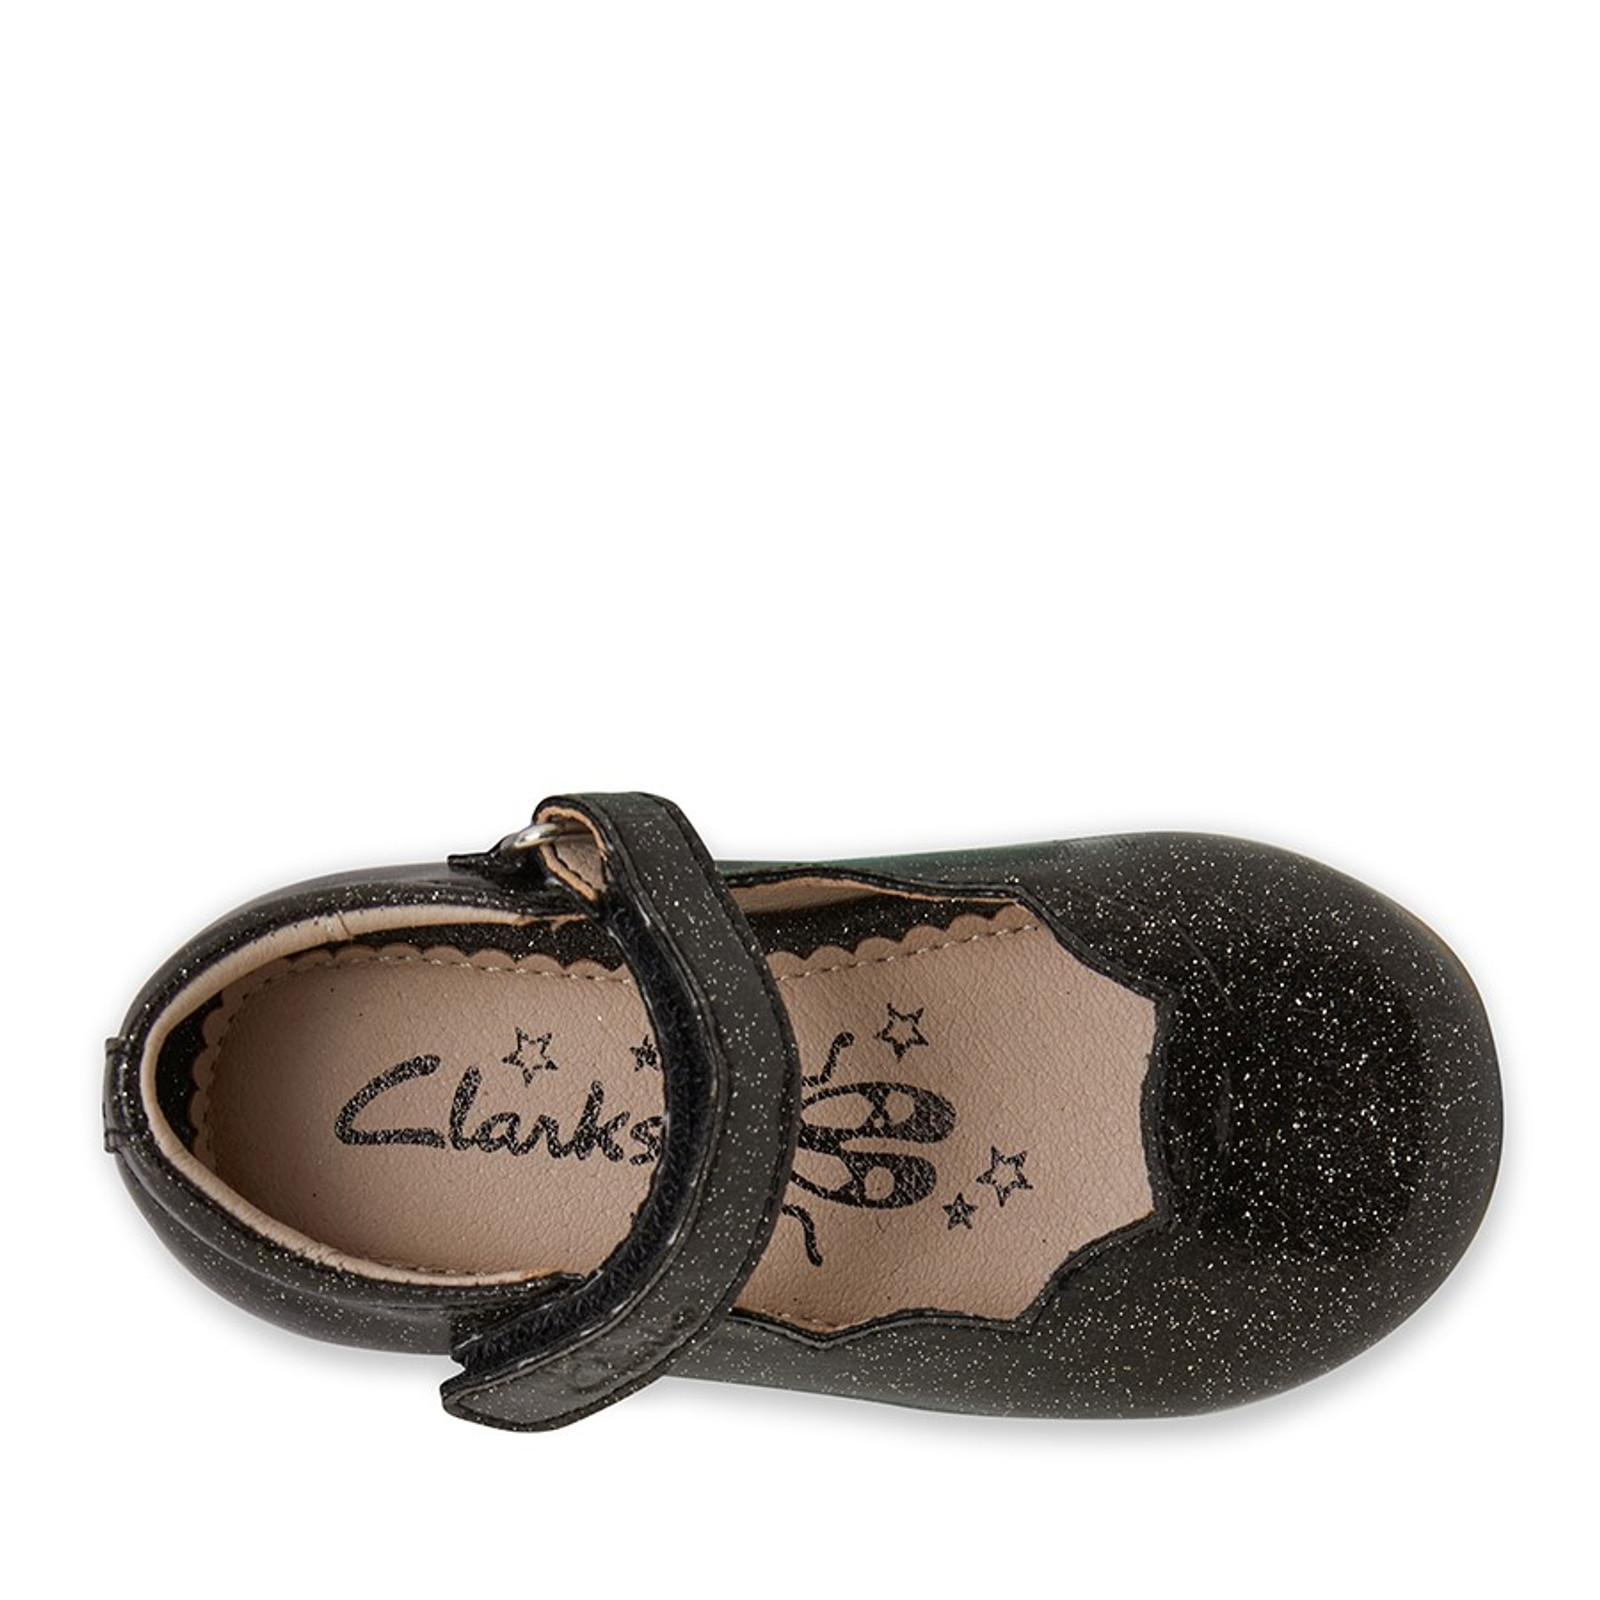 Clarks Girls AUDREY II JNR Black Glitter